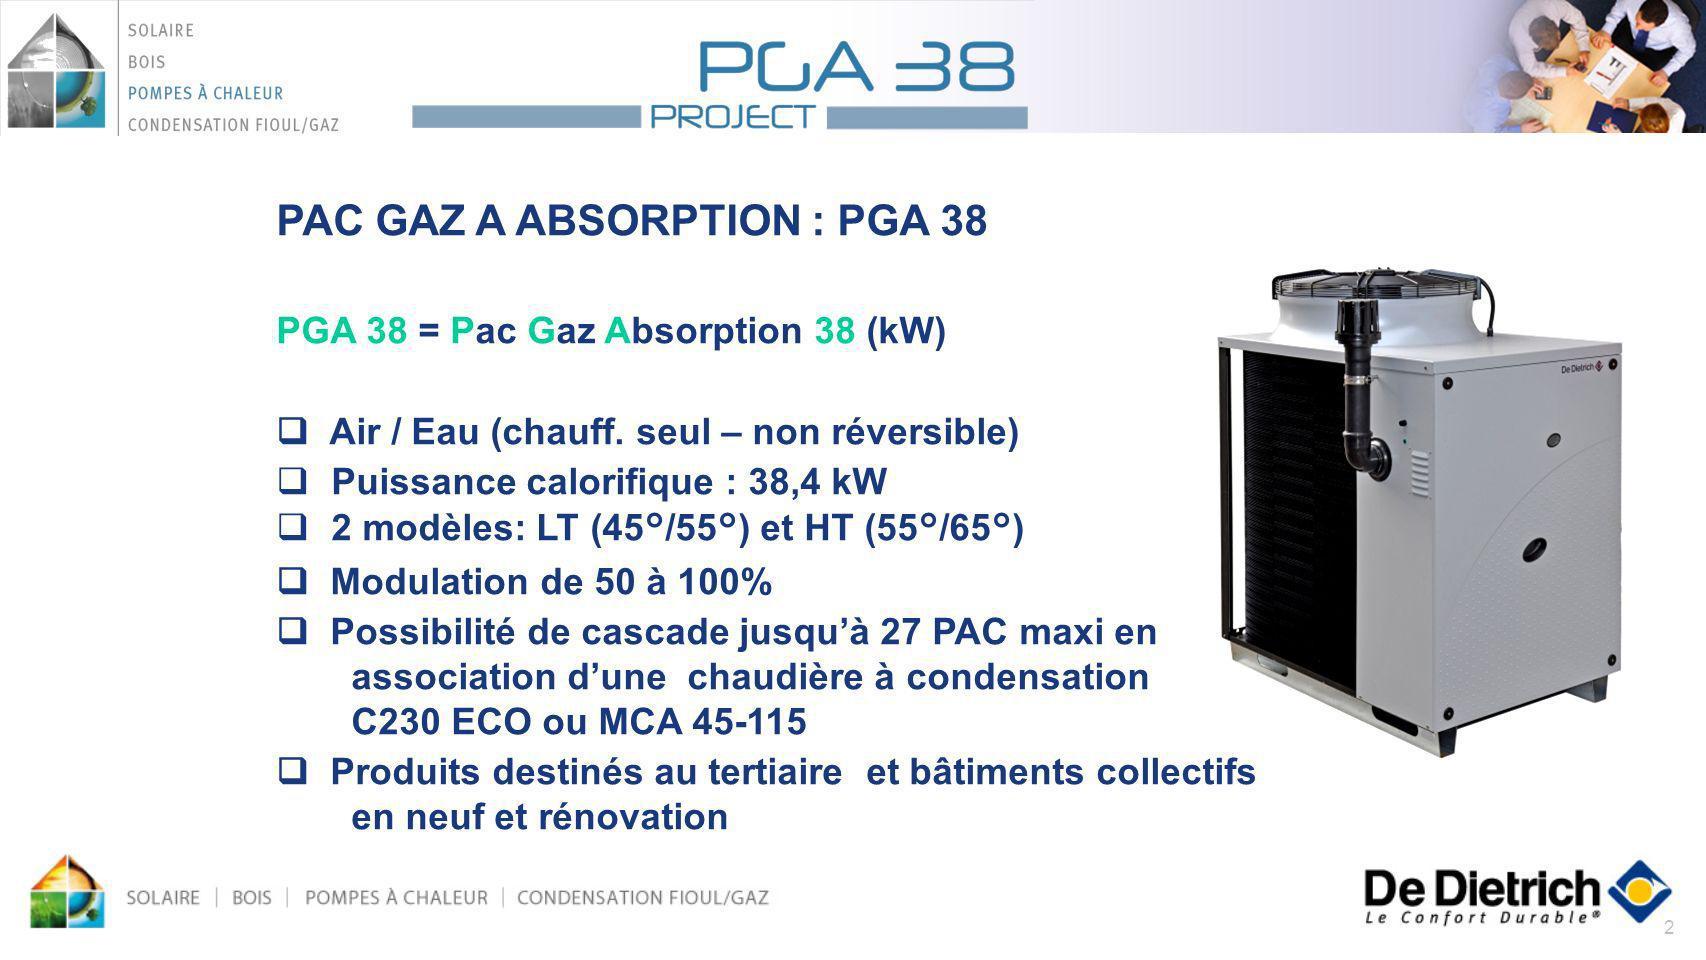 73 Perte de puissance de la PAC à 65°C ~ 50% Gain de performances COP et cascade sur PGA 38 dans la rénovation COP PGA 38 H Comparatif PAC gaz absorption dans lhabitat existant